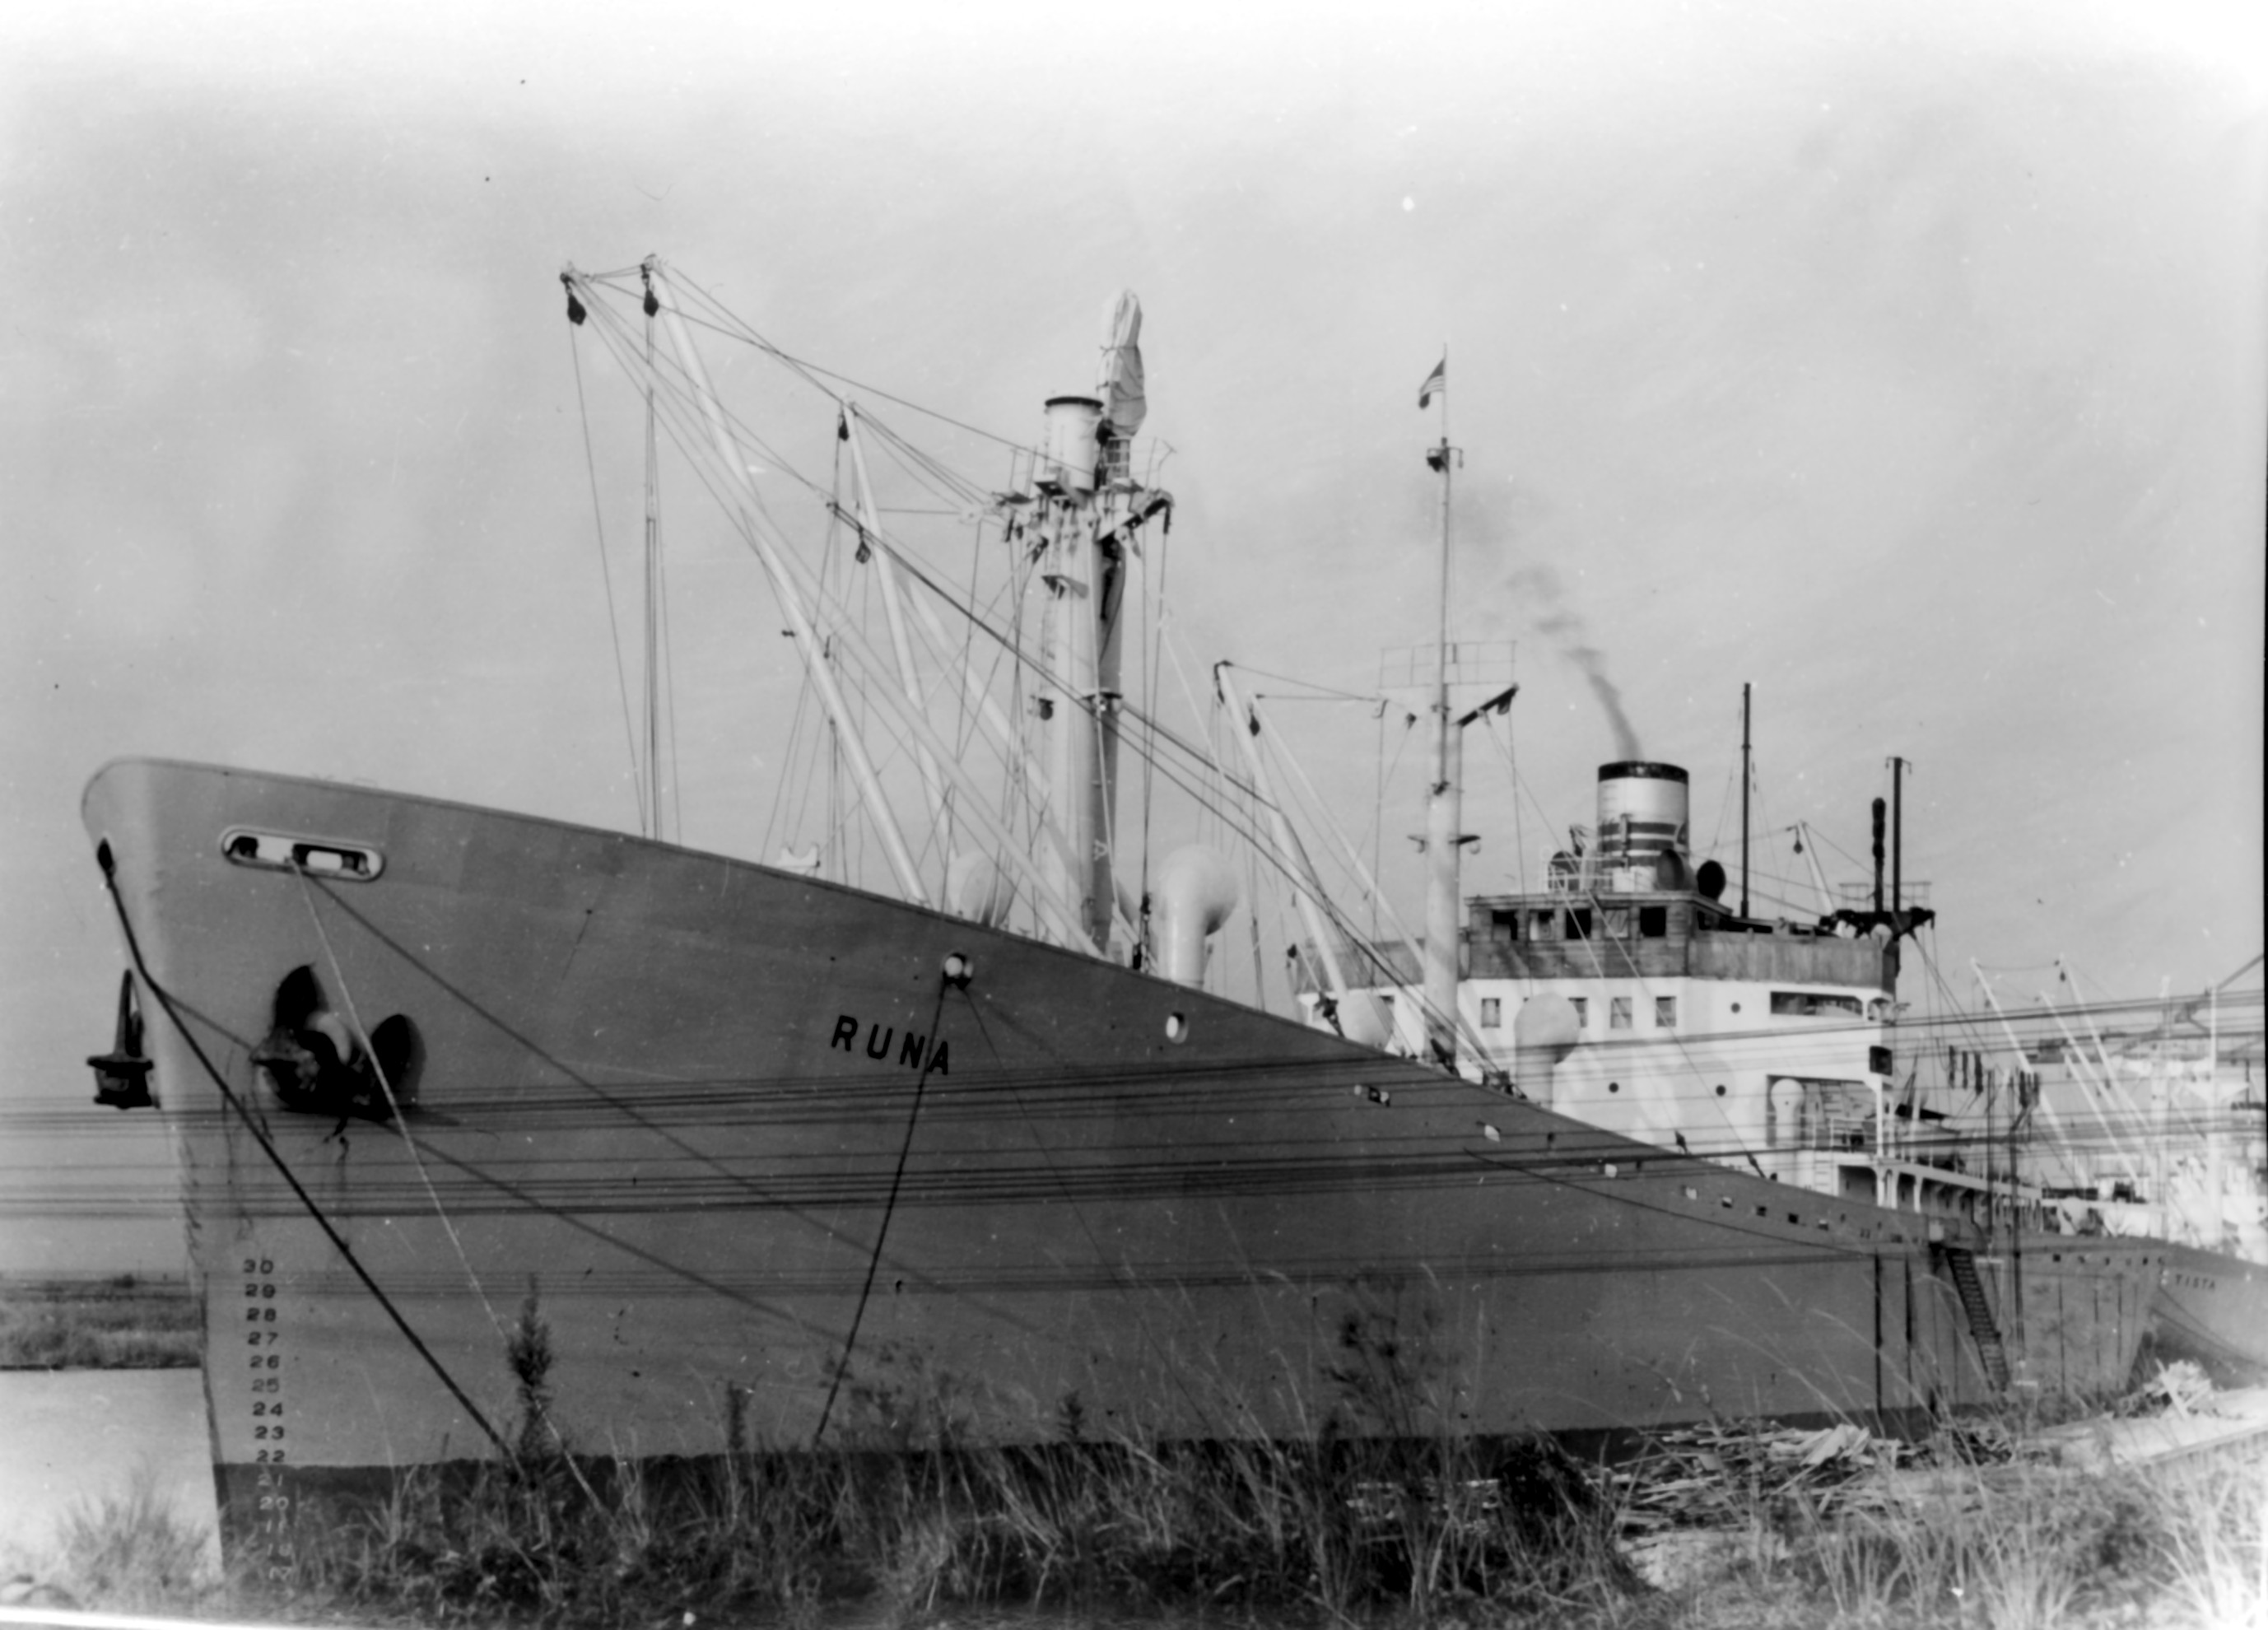 Runa (1943)